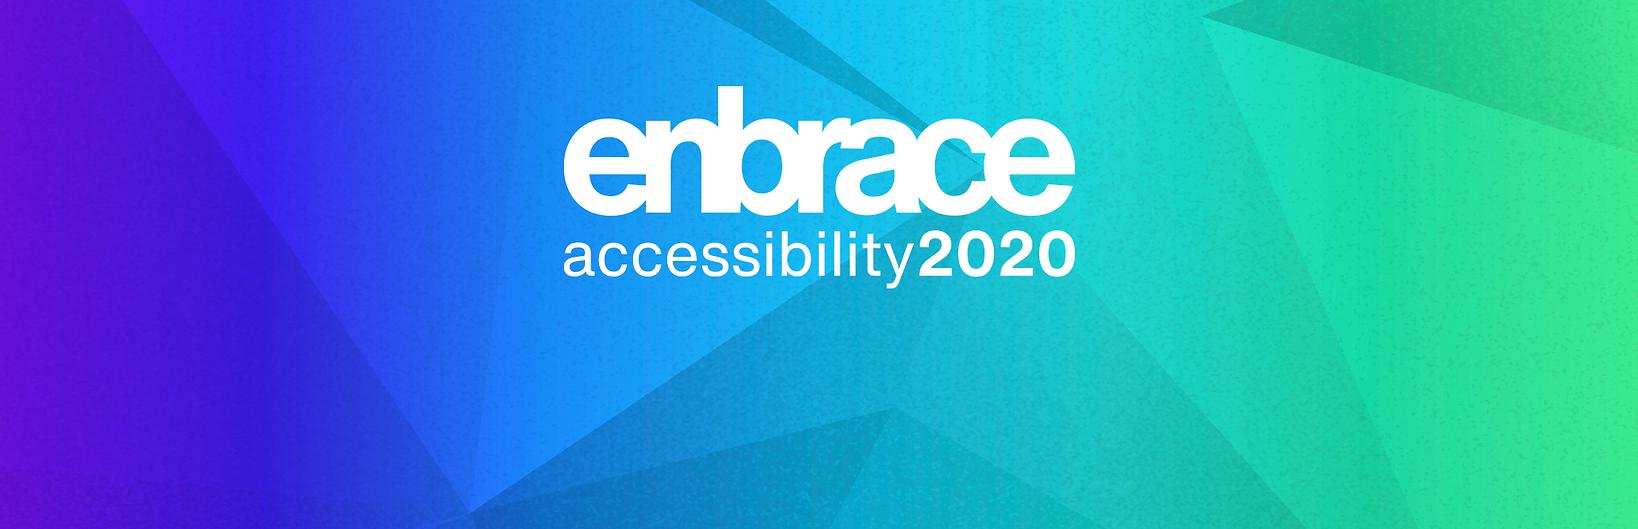 """Logotipo do Enbrace 2020 Accessibility seguido da citação """"meu sonho é que a deficiência seja vista pela sociedade como uma característica do ser humano e não um impedimento para que se realizem sonhos"""""""